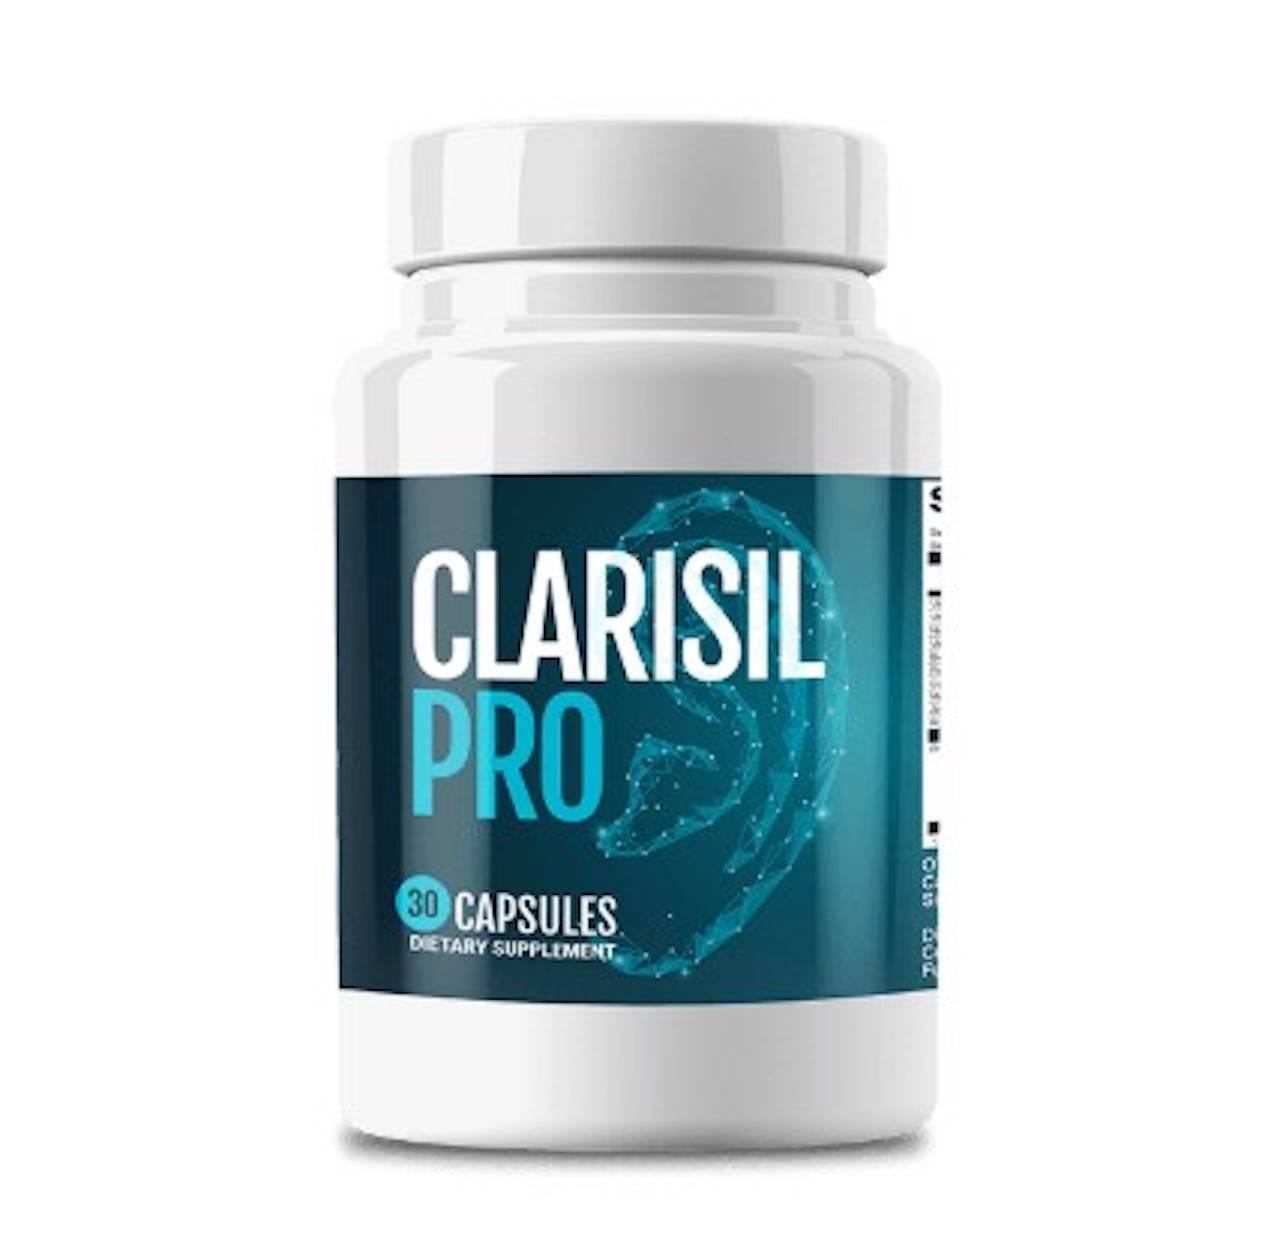 Clarisil-Pro